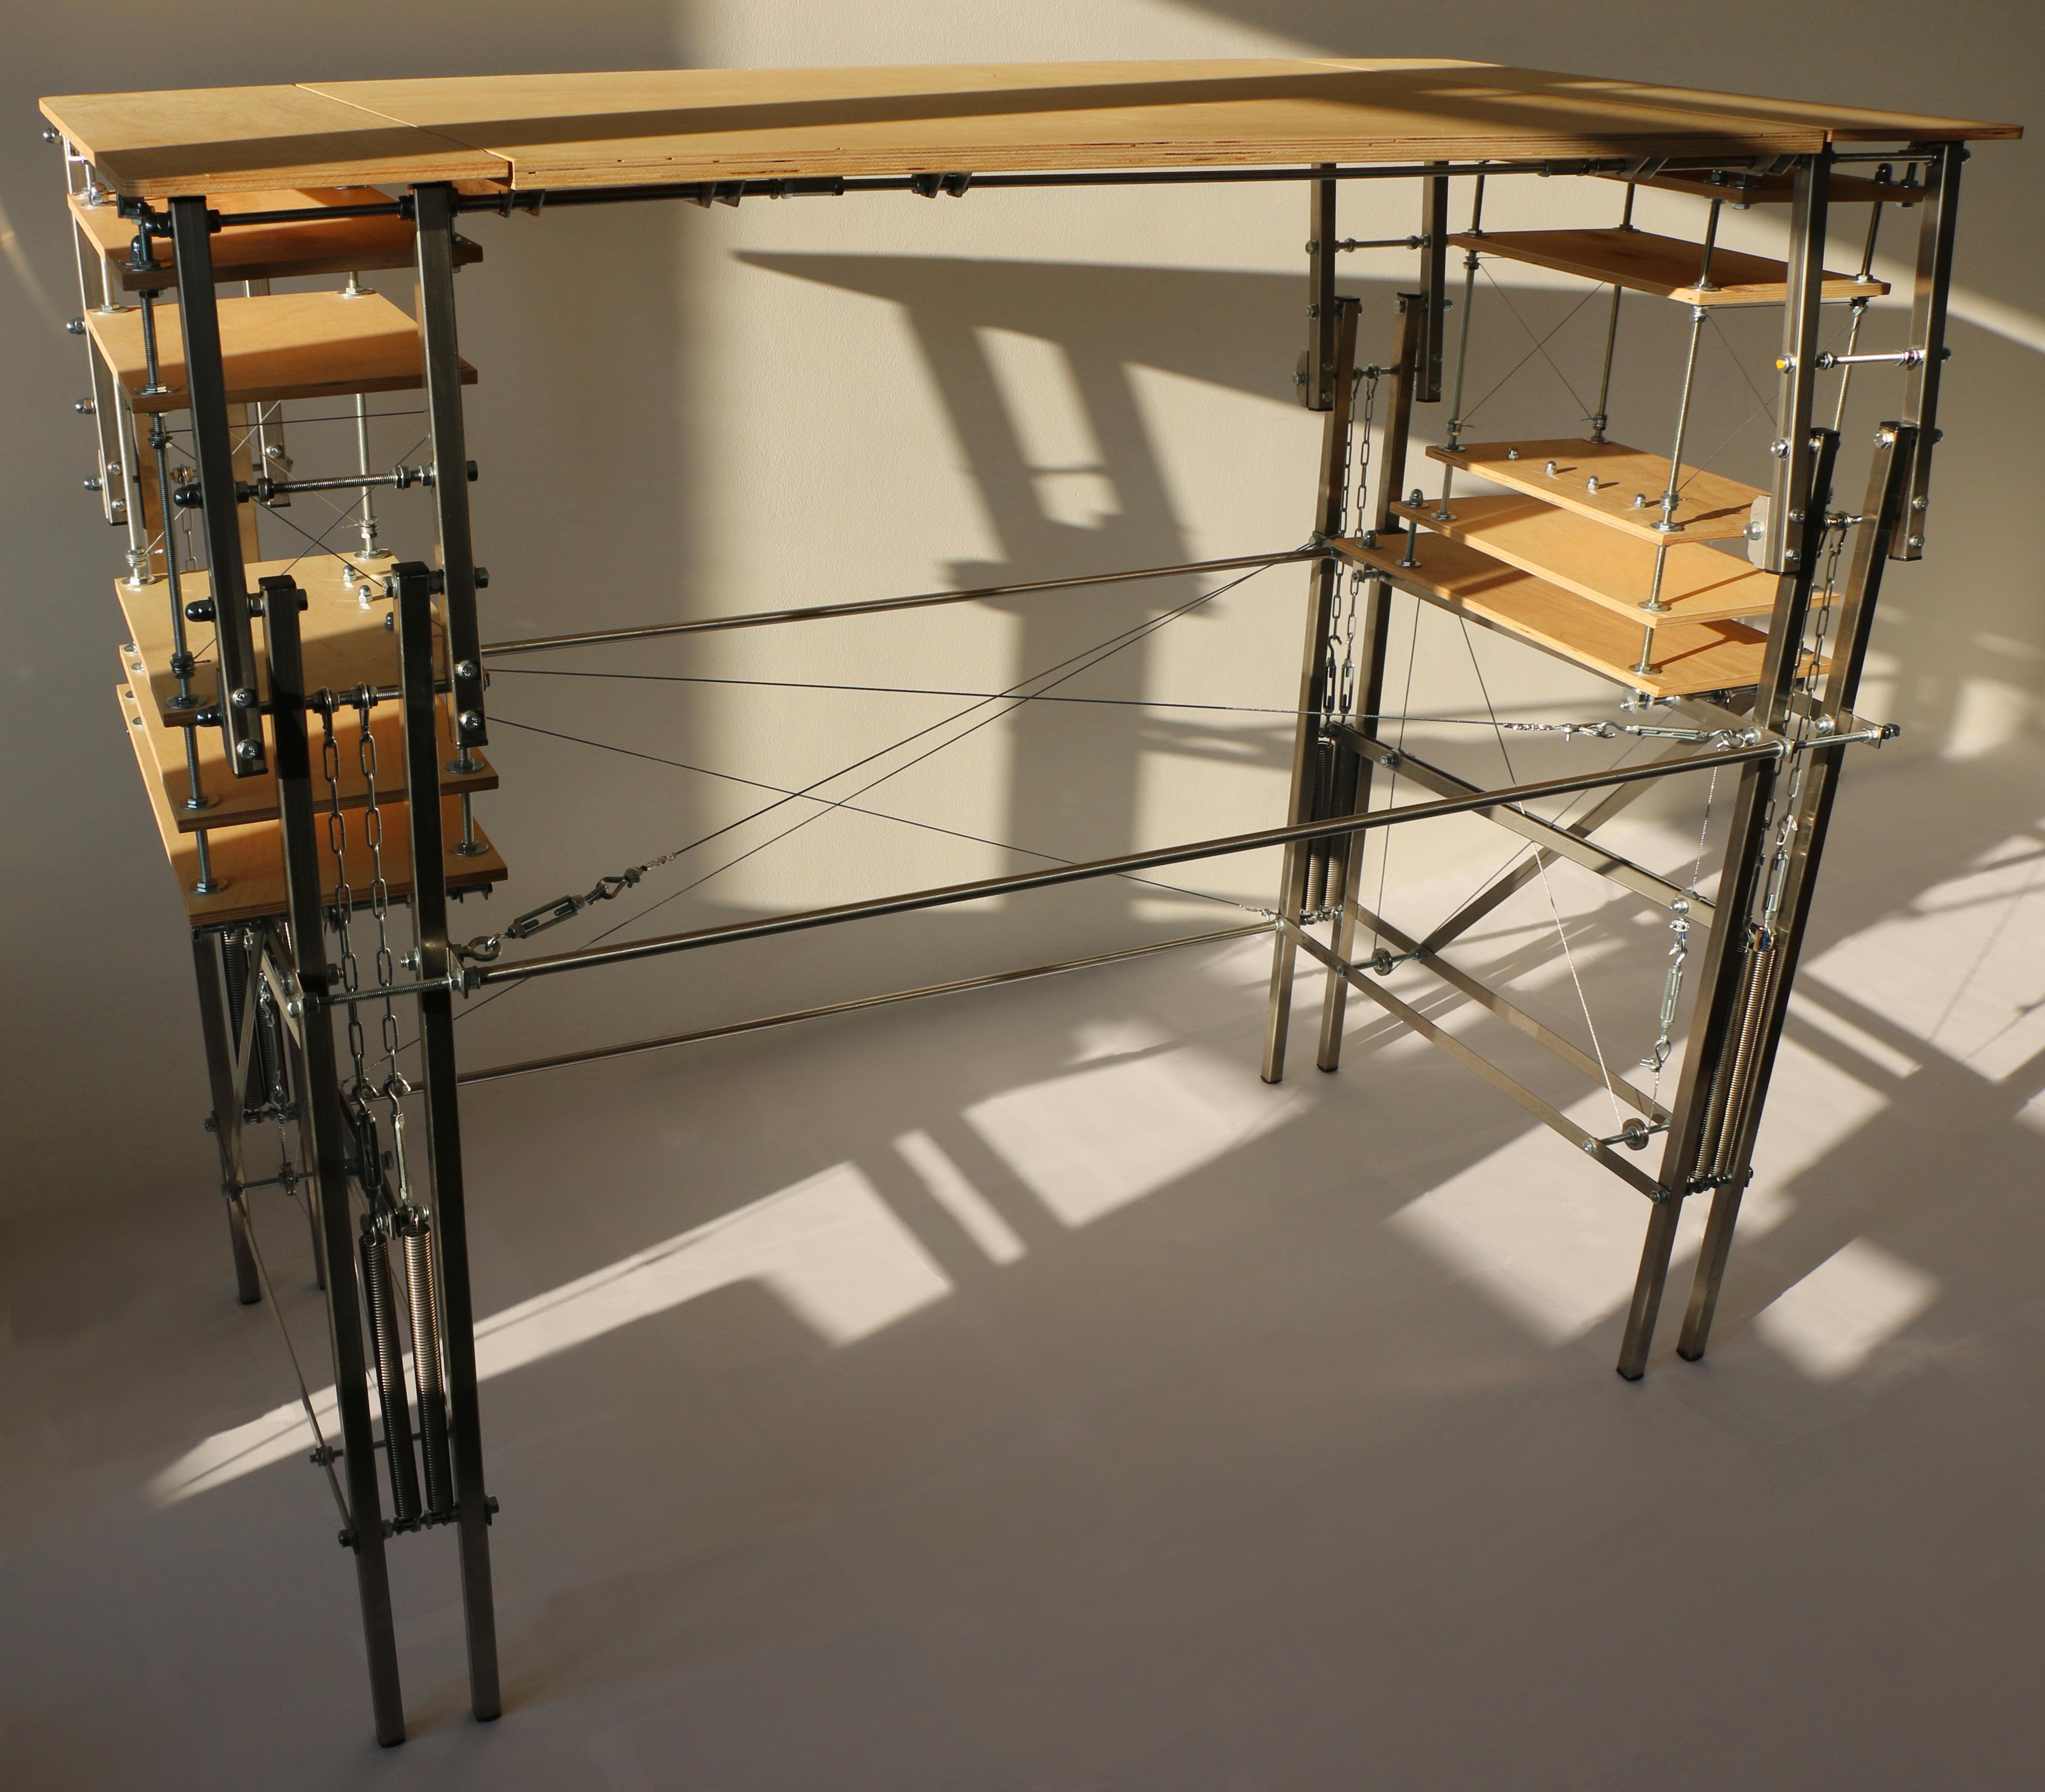 springlift : maker's standing desk